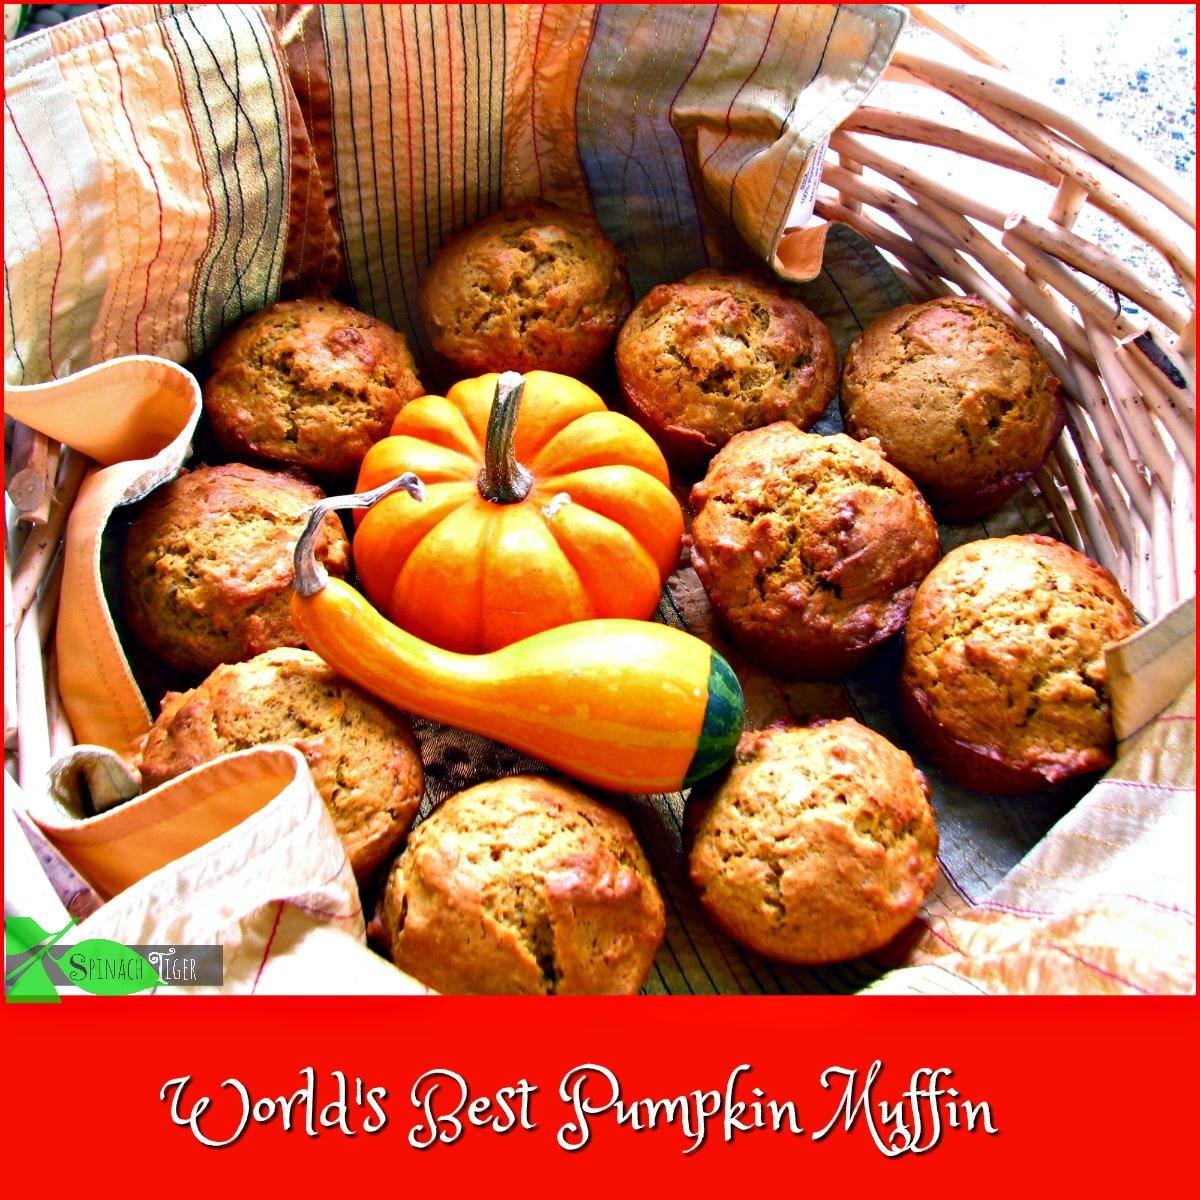 Pumpkin Dessert Recipes, pumpkin muffins